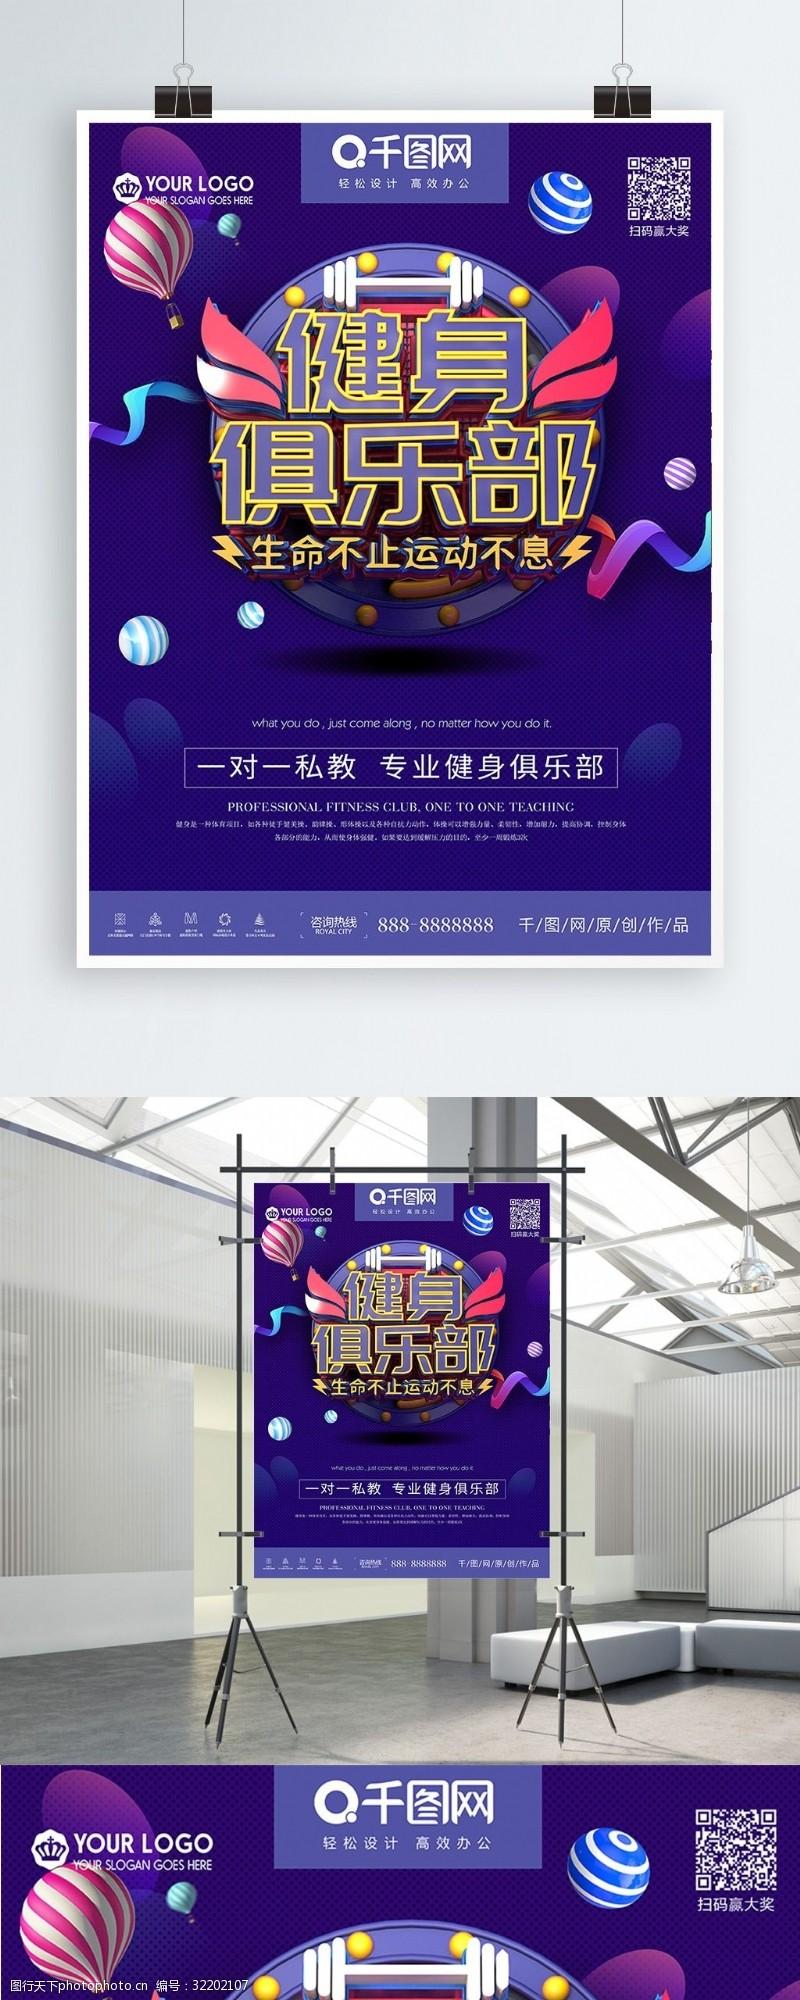 创意立体健身俱乐部宣传海报